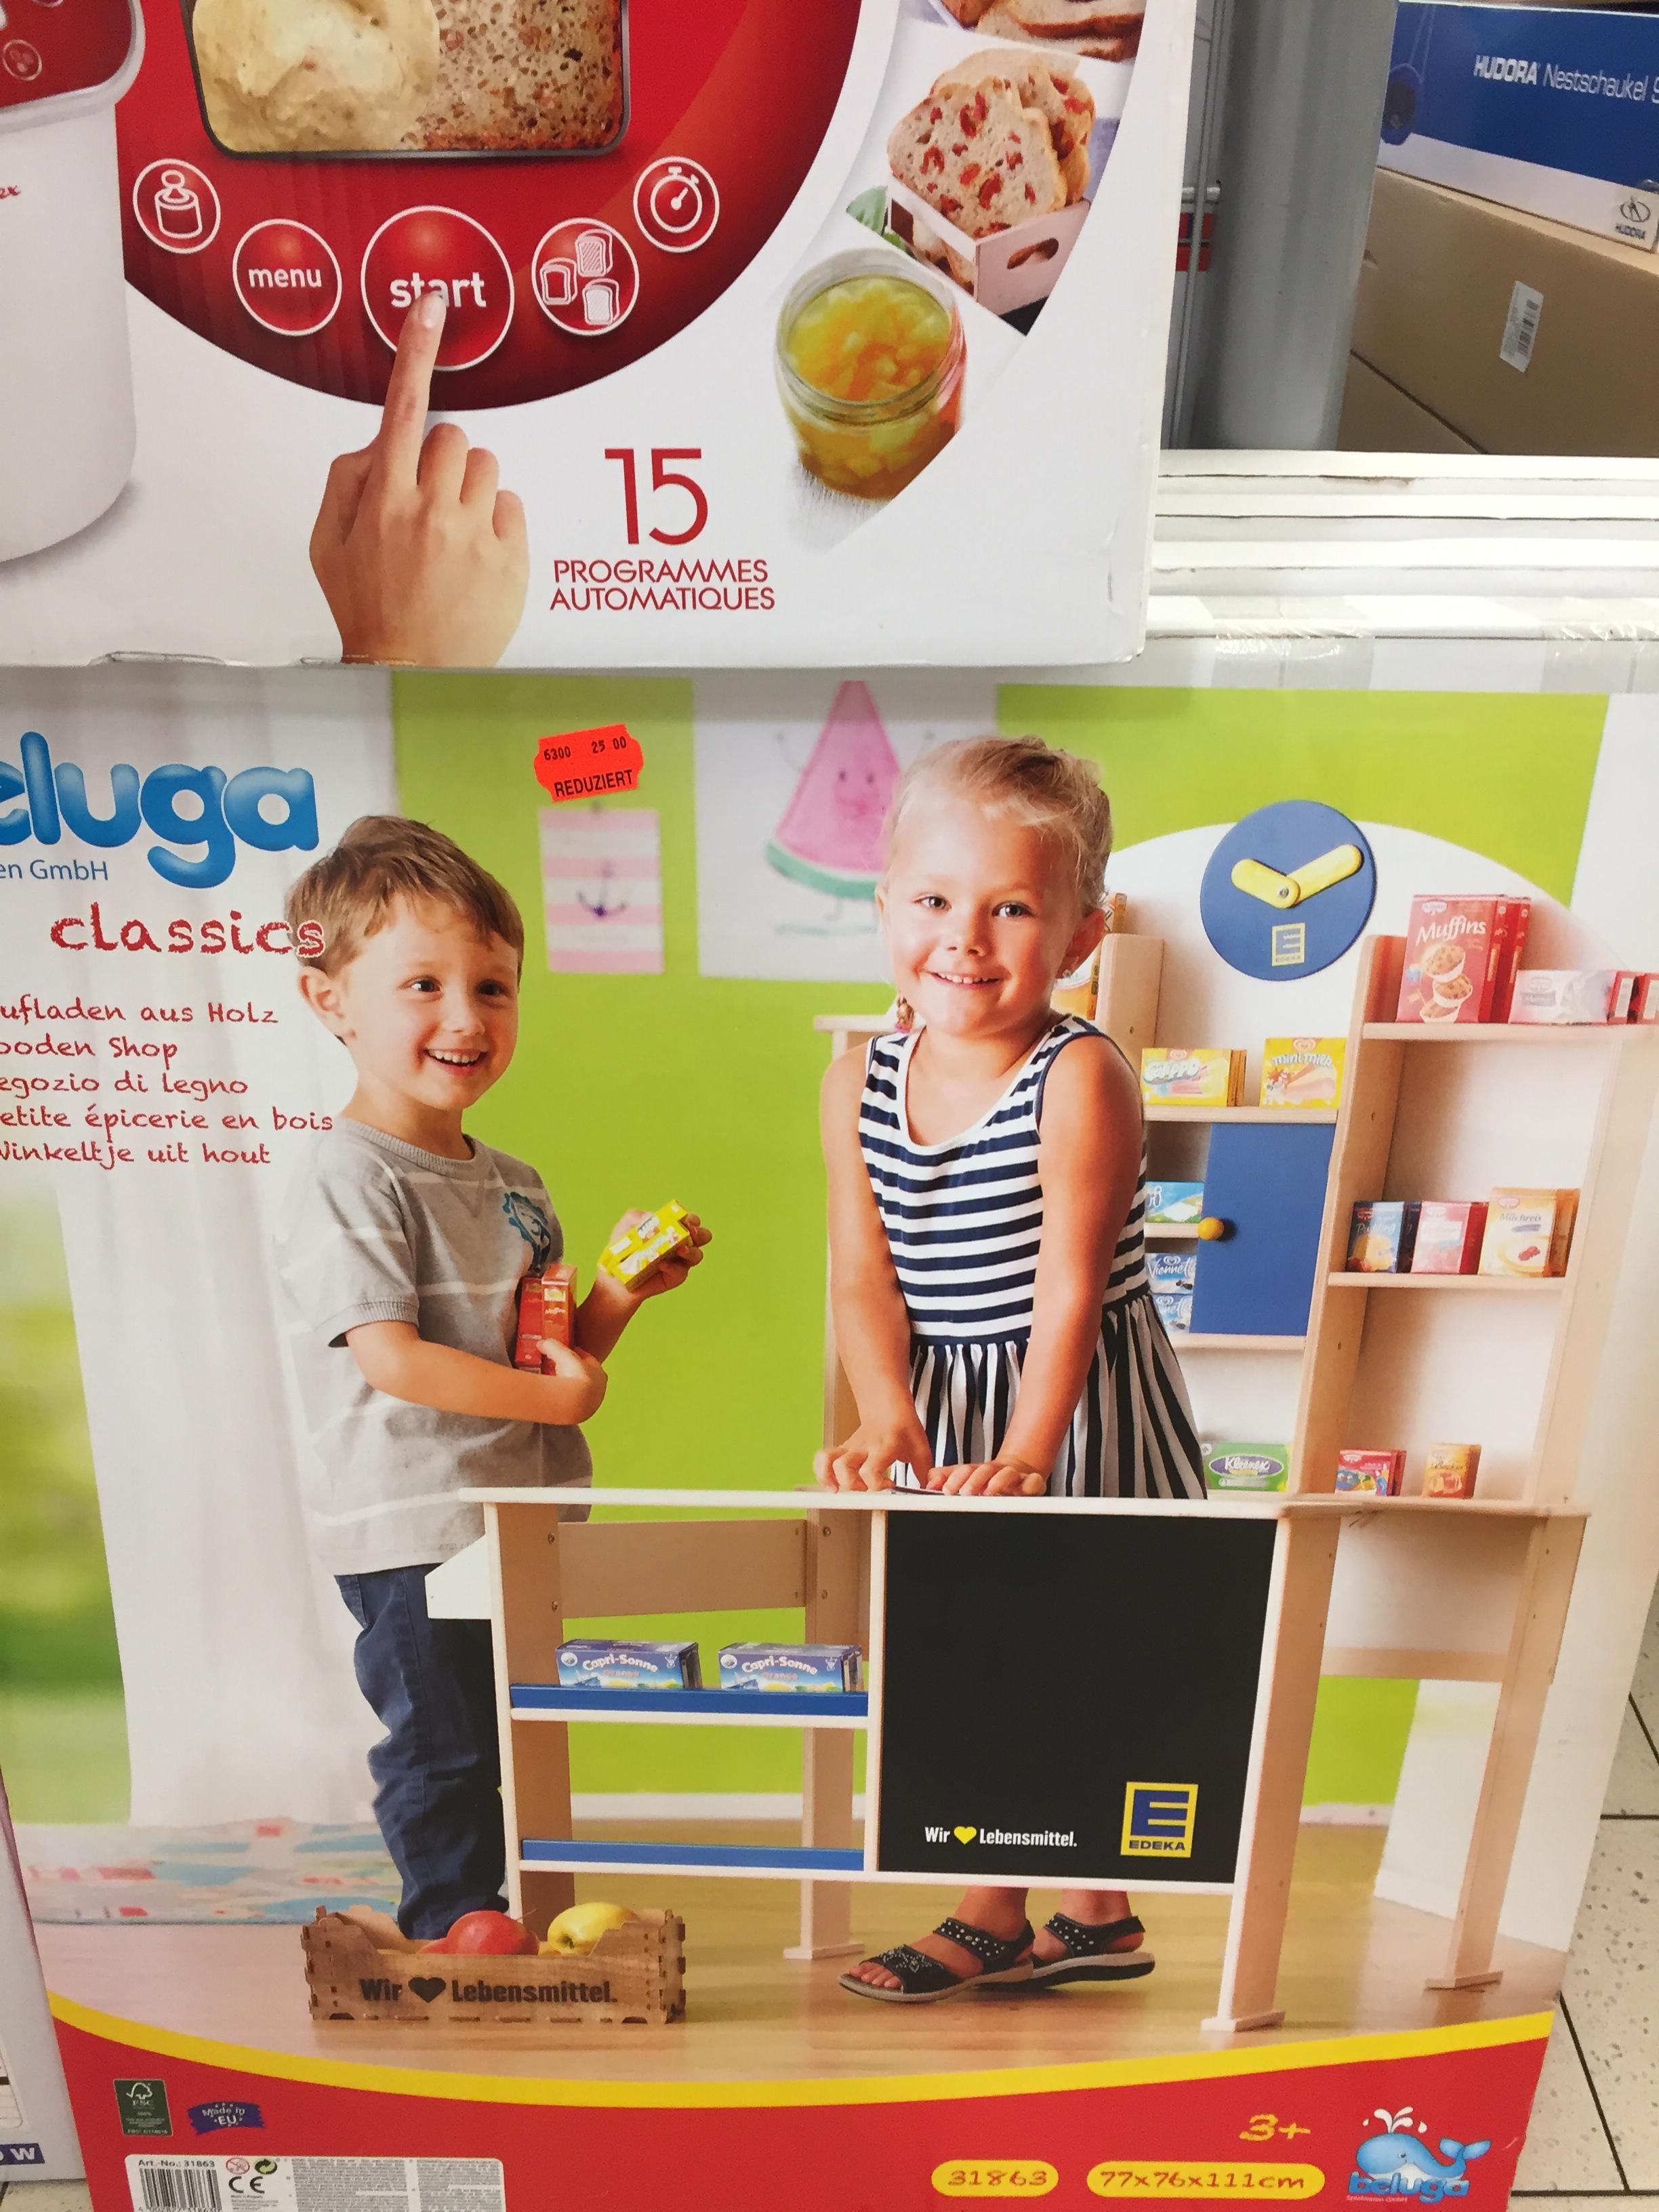 (Lokal Bielefeld Gadderbaum) Martkauf Holzkaufladen, Holzmagnettafel + Holzfrühspielzeug für Kinder im Ausverkauf